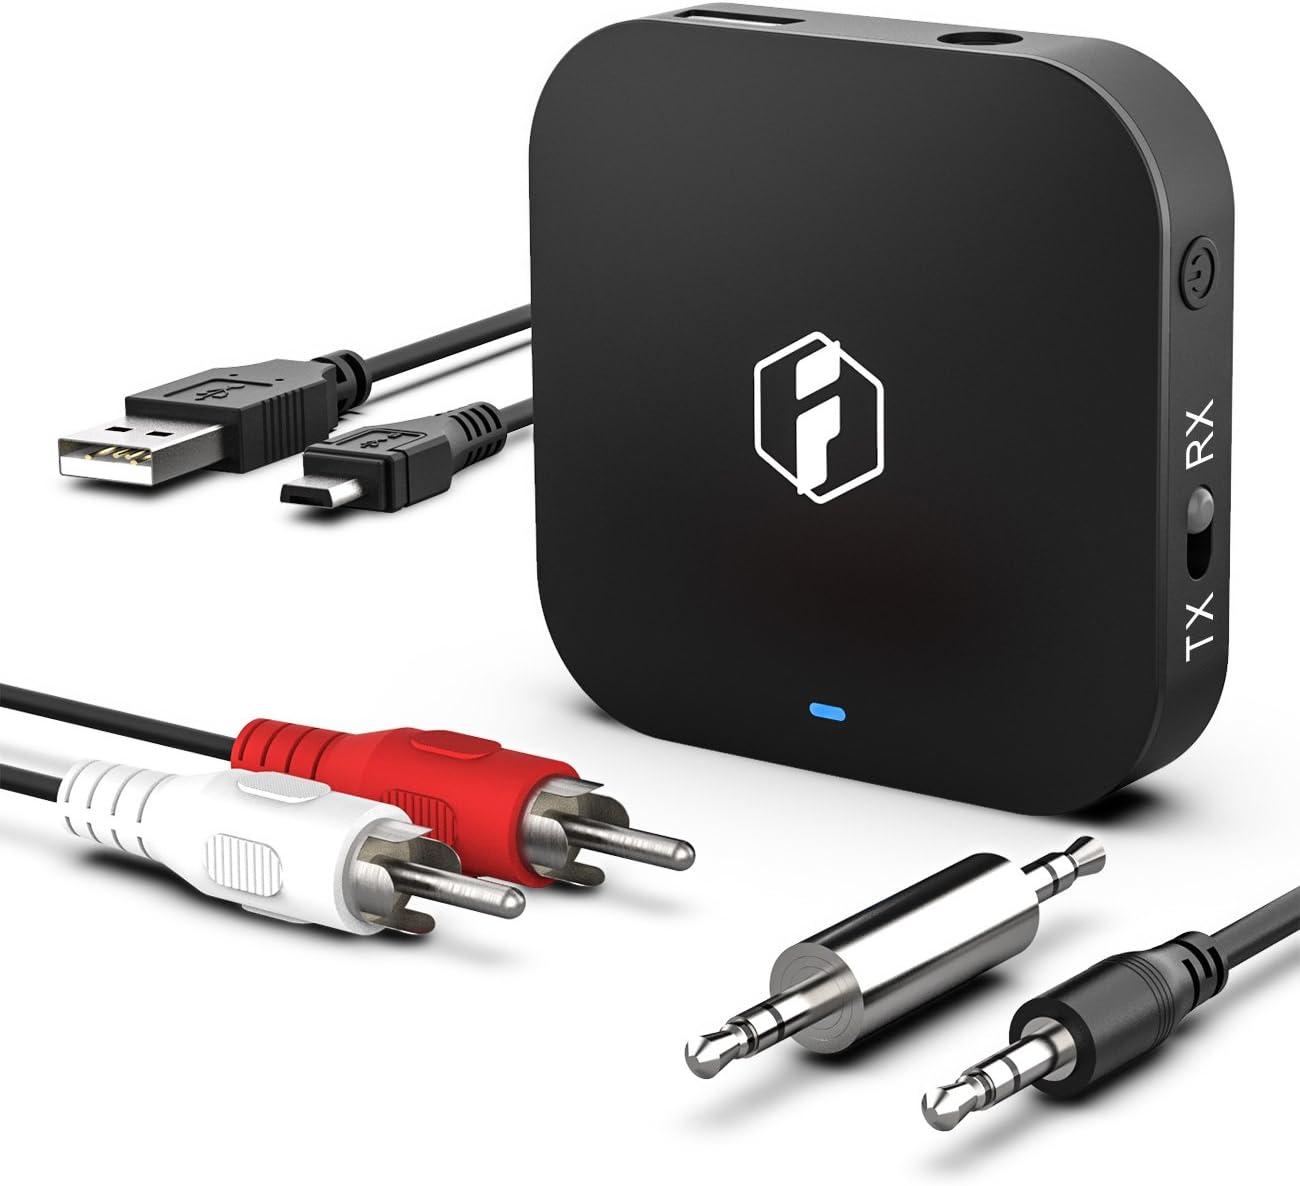 Inateck Transmisor/Receptor Bluetooth 2 en 1 inalámbrico para Audio aptX HD, aptX a Baja latencia, Low Latency, Hi-Fi para TV, Auriculares y Sistemas Audio Coche, autoradio (BR1008)